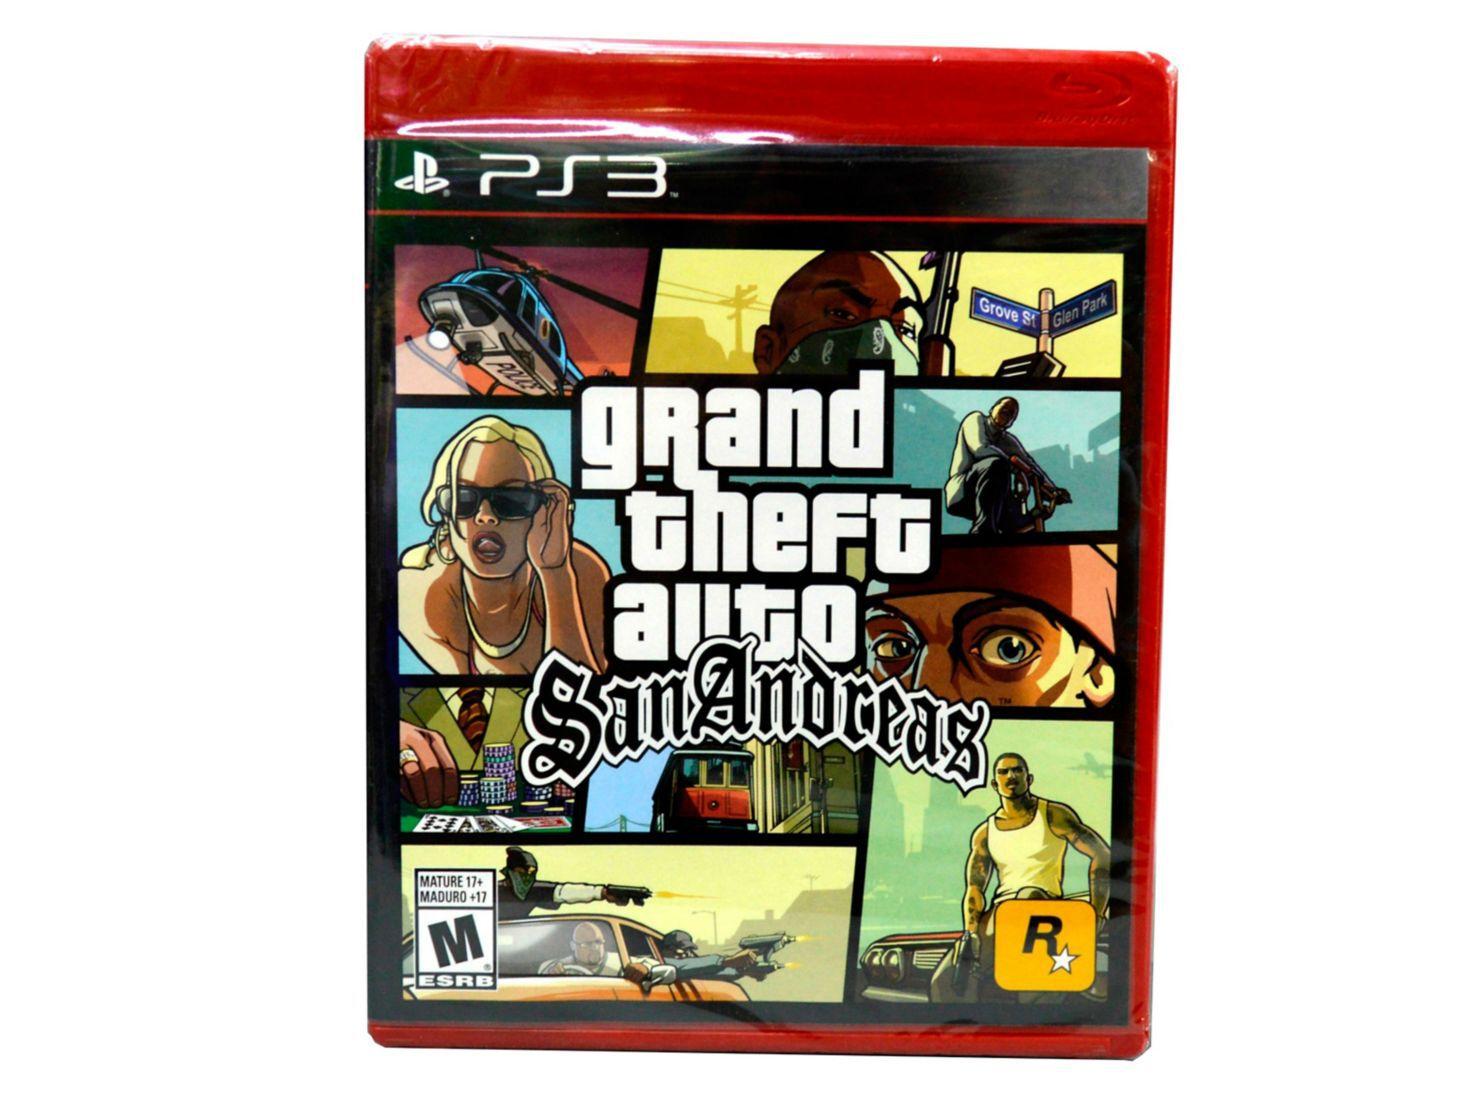 Grand En Video San Andreas Auto Juego Ps3 Theft JuegosParis n0wO8Nyvm